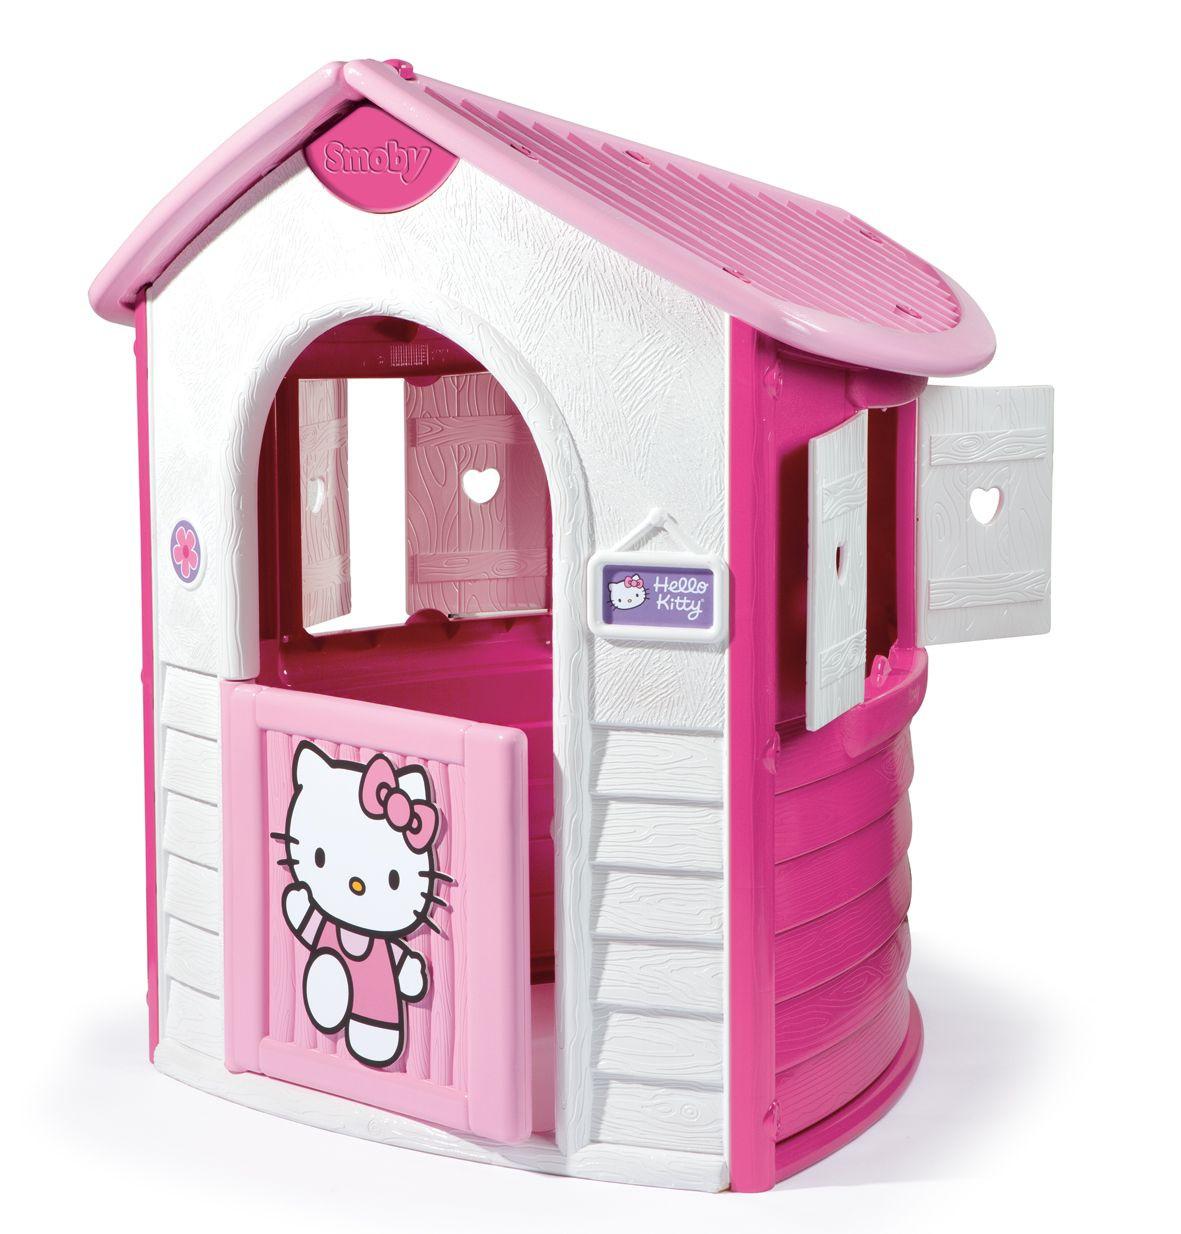 Cabane De Jardin Hello Kitty Smoby : Avis Et Comparateur De Prix concernant Maison De Jardin Smoby